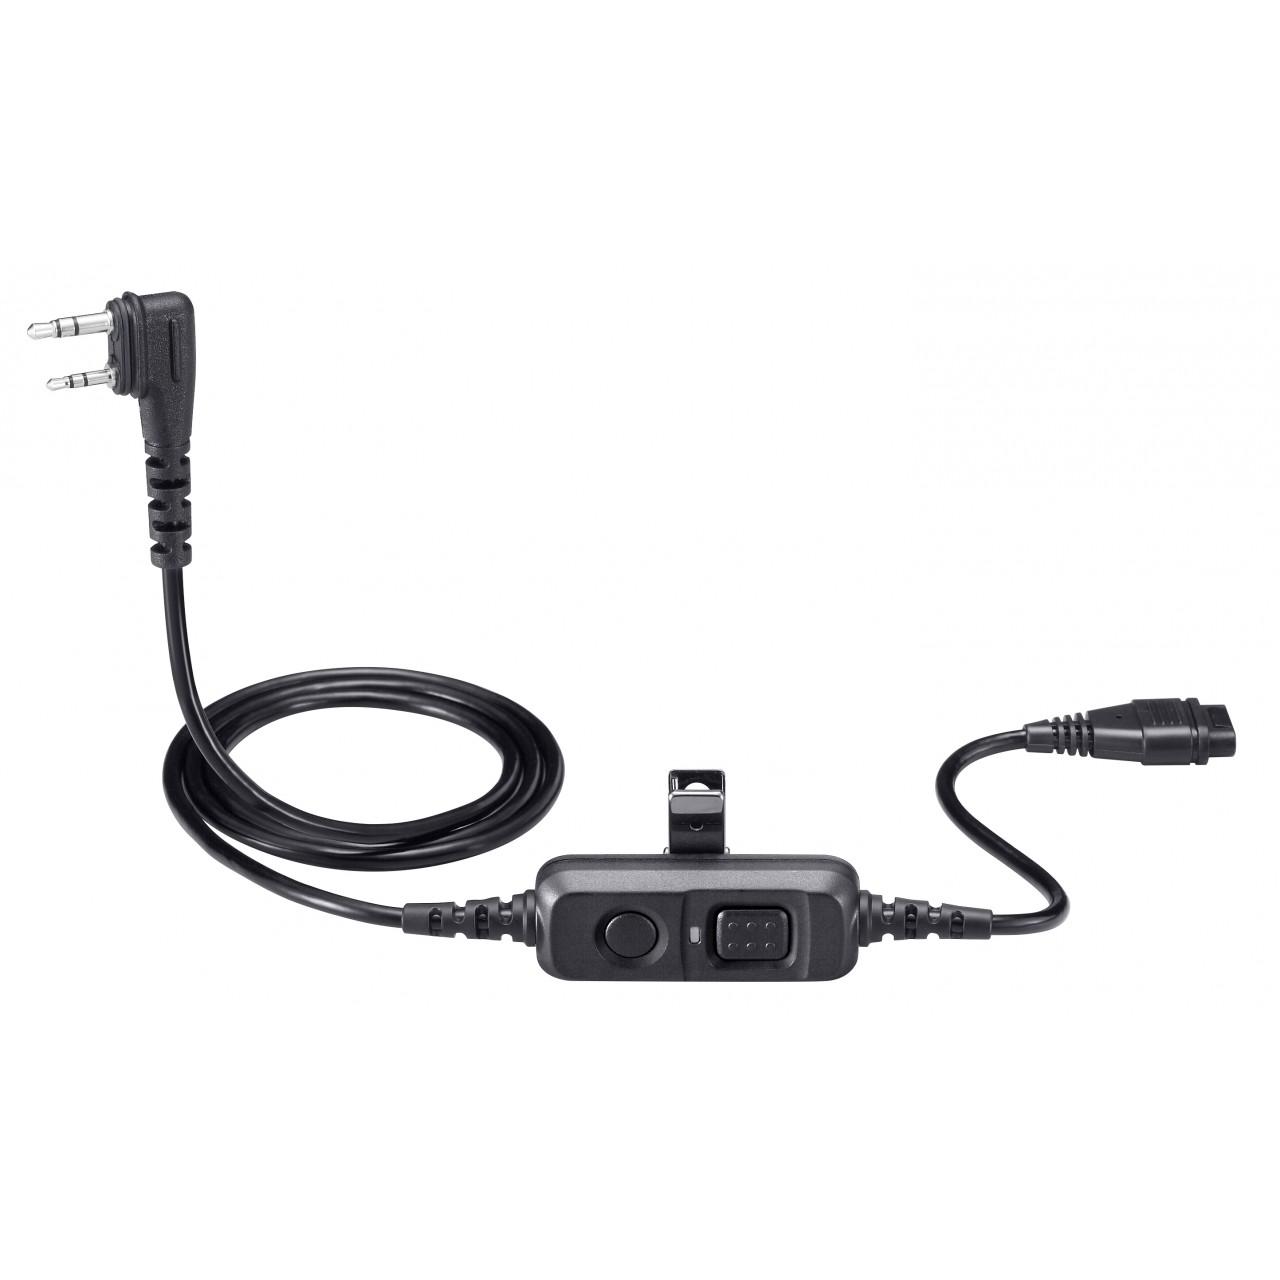 OPC-2359 Adapters - ICOM